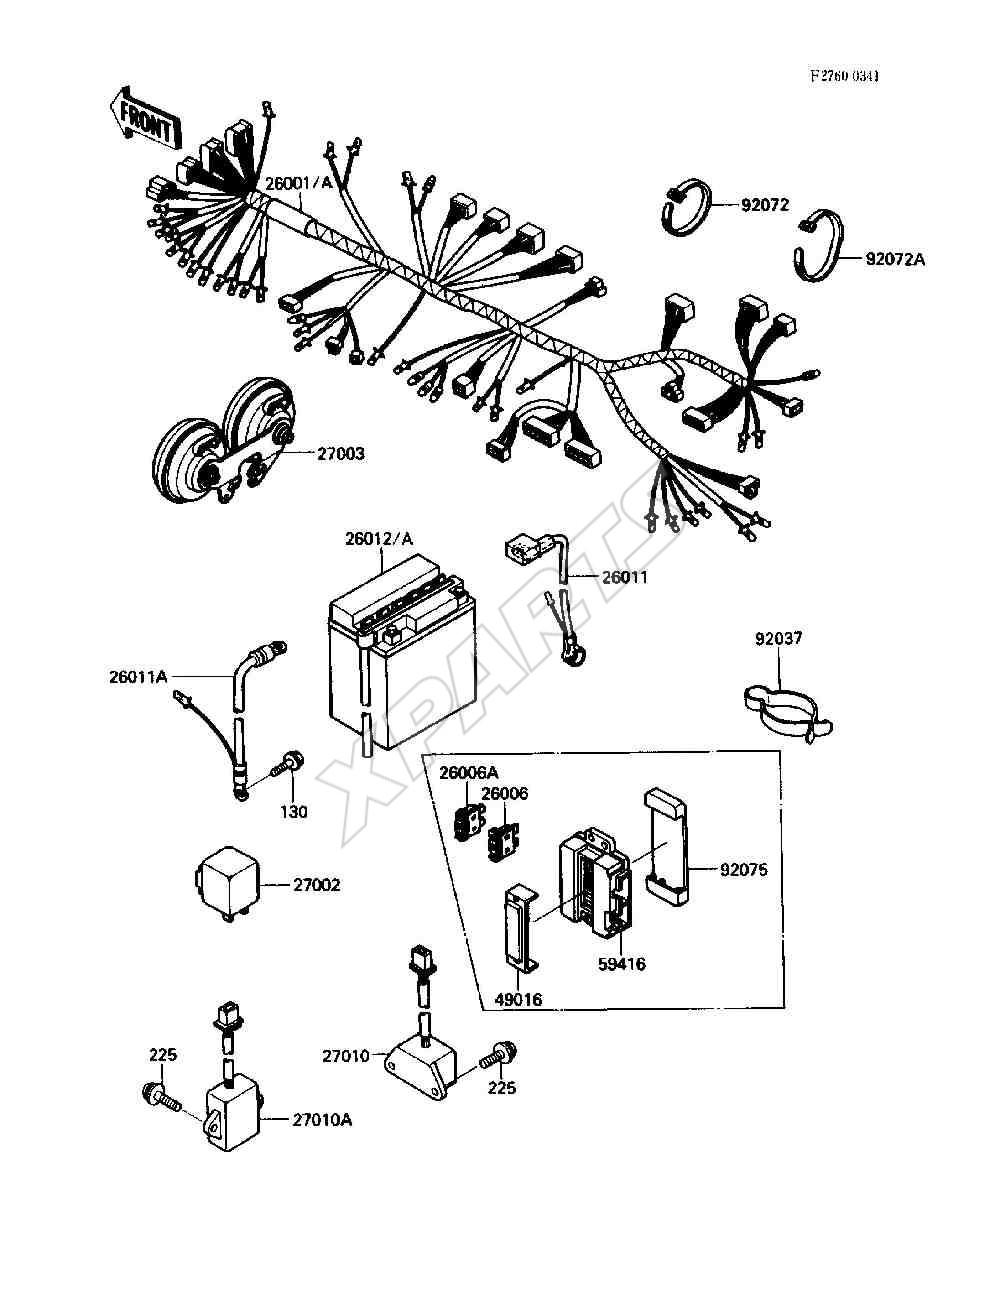 Kawasaki Vulcan 750 (VN750-A2) fra 1986 – Originale reservedele fra on suzuki gsx 750 wiring diagram, suzuki gsxr 750 wiring diagram, kawasaki vulcan 500 wiring diagram, kawasaki ex500 wiring diagram, kawasaki gpz1000rx wiring diagram, yamaha 750 wiring diagram, kawasaki voyager xii wiring diagram, kawasaki vulcan 2000 wiring diagram, suzuki gs 750 wiring diagram, kawasaki kz750 wiring diagram, kawasaki vulcan 1500 wiring diagram, kawasaki mule 500 wiring diagram, kawasaki teryx 750 wiring diagram, kawasaki vulcan 900 exhaust modification, kawasaki kz1000 wiring diagram, kawasaki vulcan 800, kawasaki mean streak wiring diagram, kawasaki concours wiring diagram, kawasaki atv wiring diagram, kawasaki vulcan 900 wiring diagram,